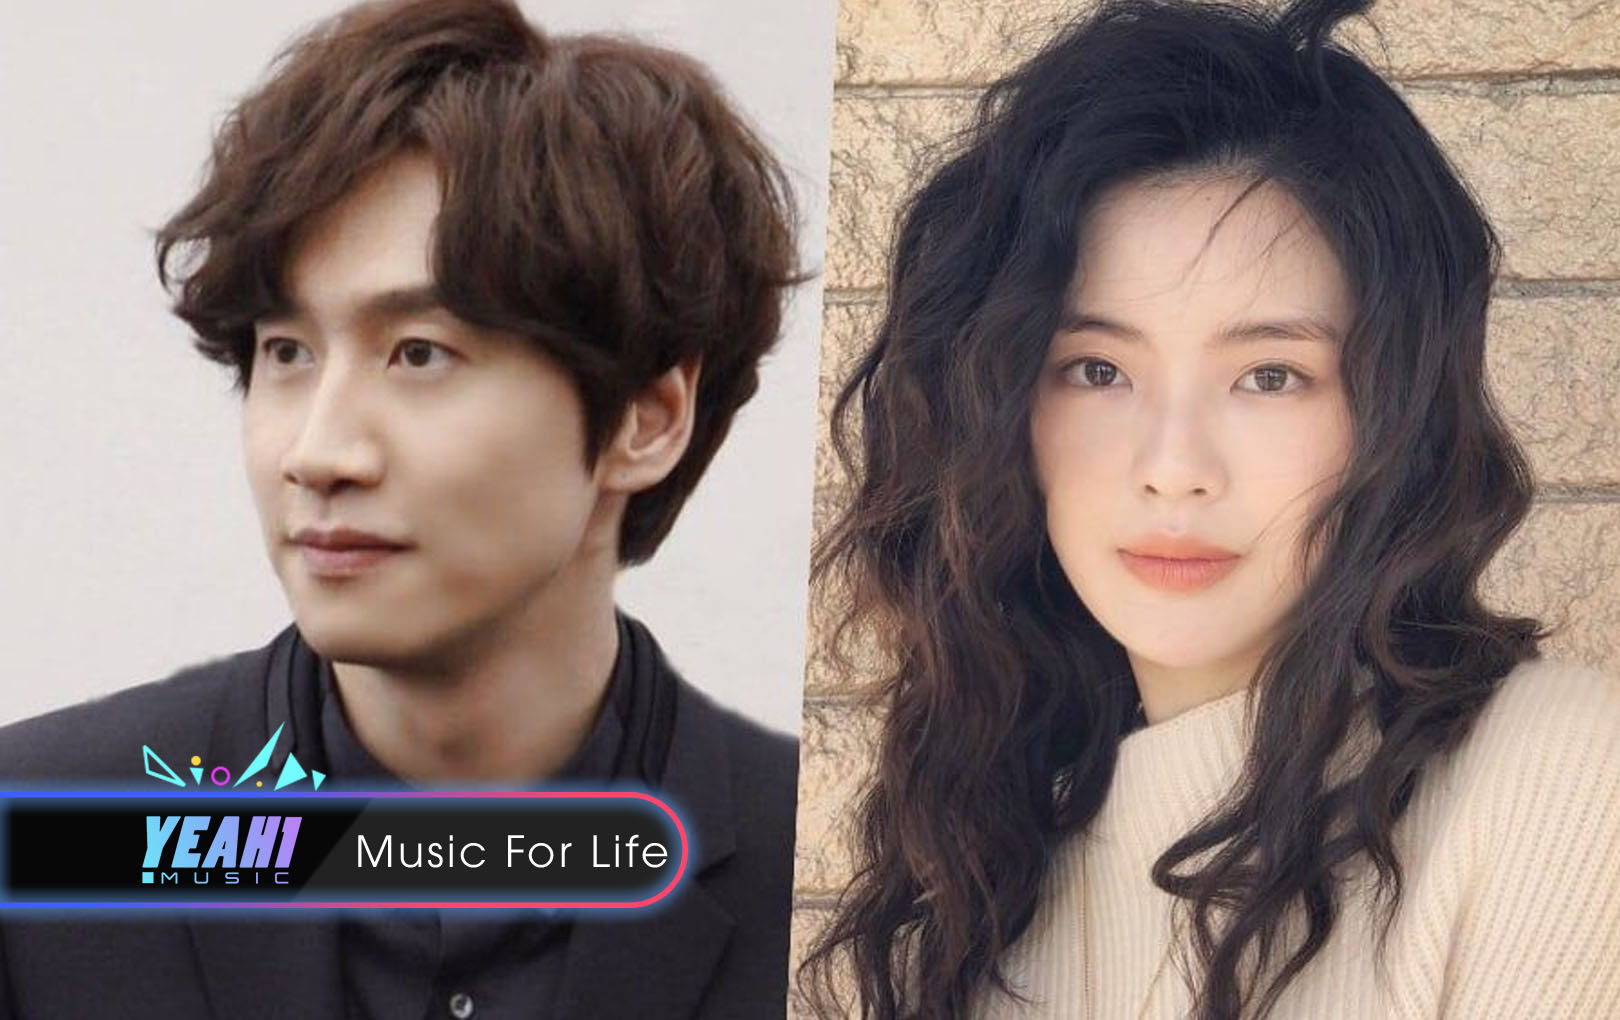 """Ơn trời! Thanh xuân không nợ fan của Kwang Soo một lời xác nhận """"đã hẹn hò"""""""